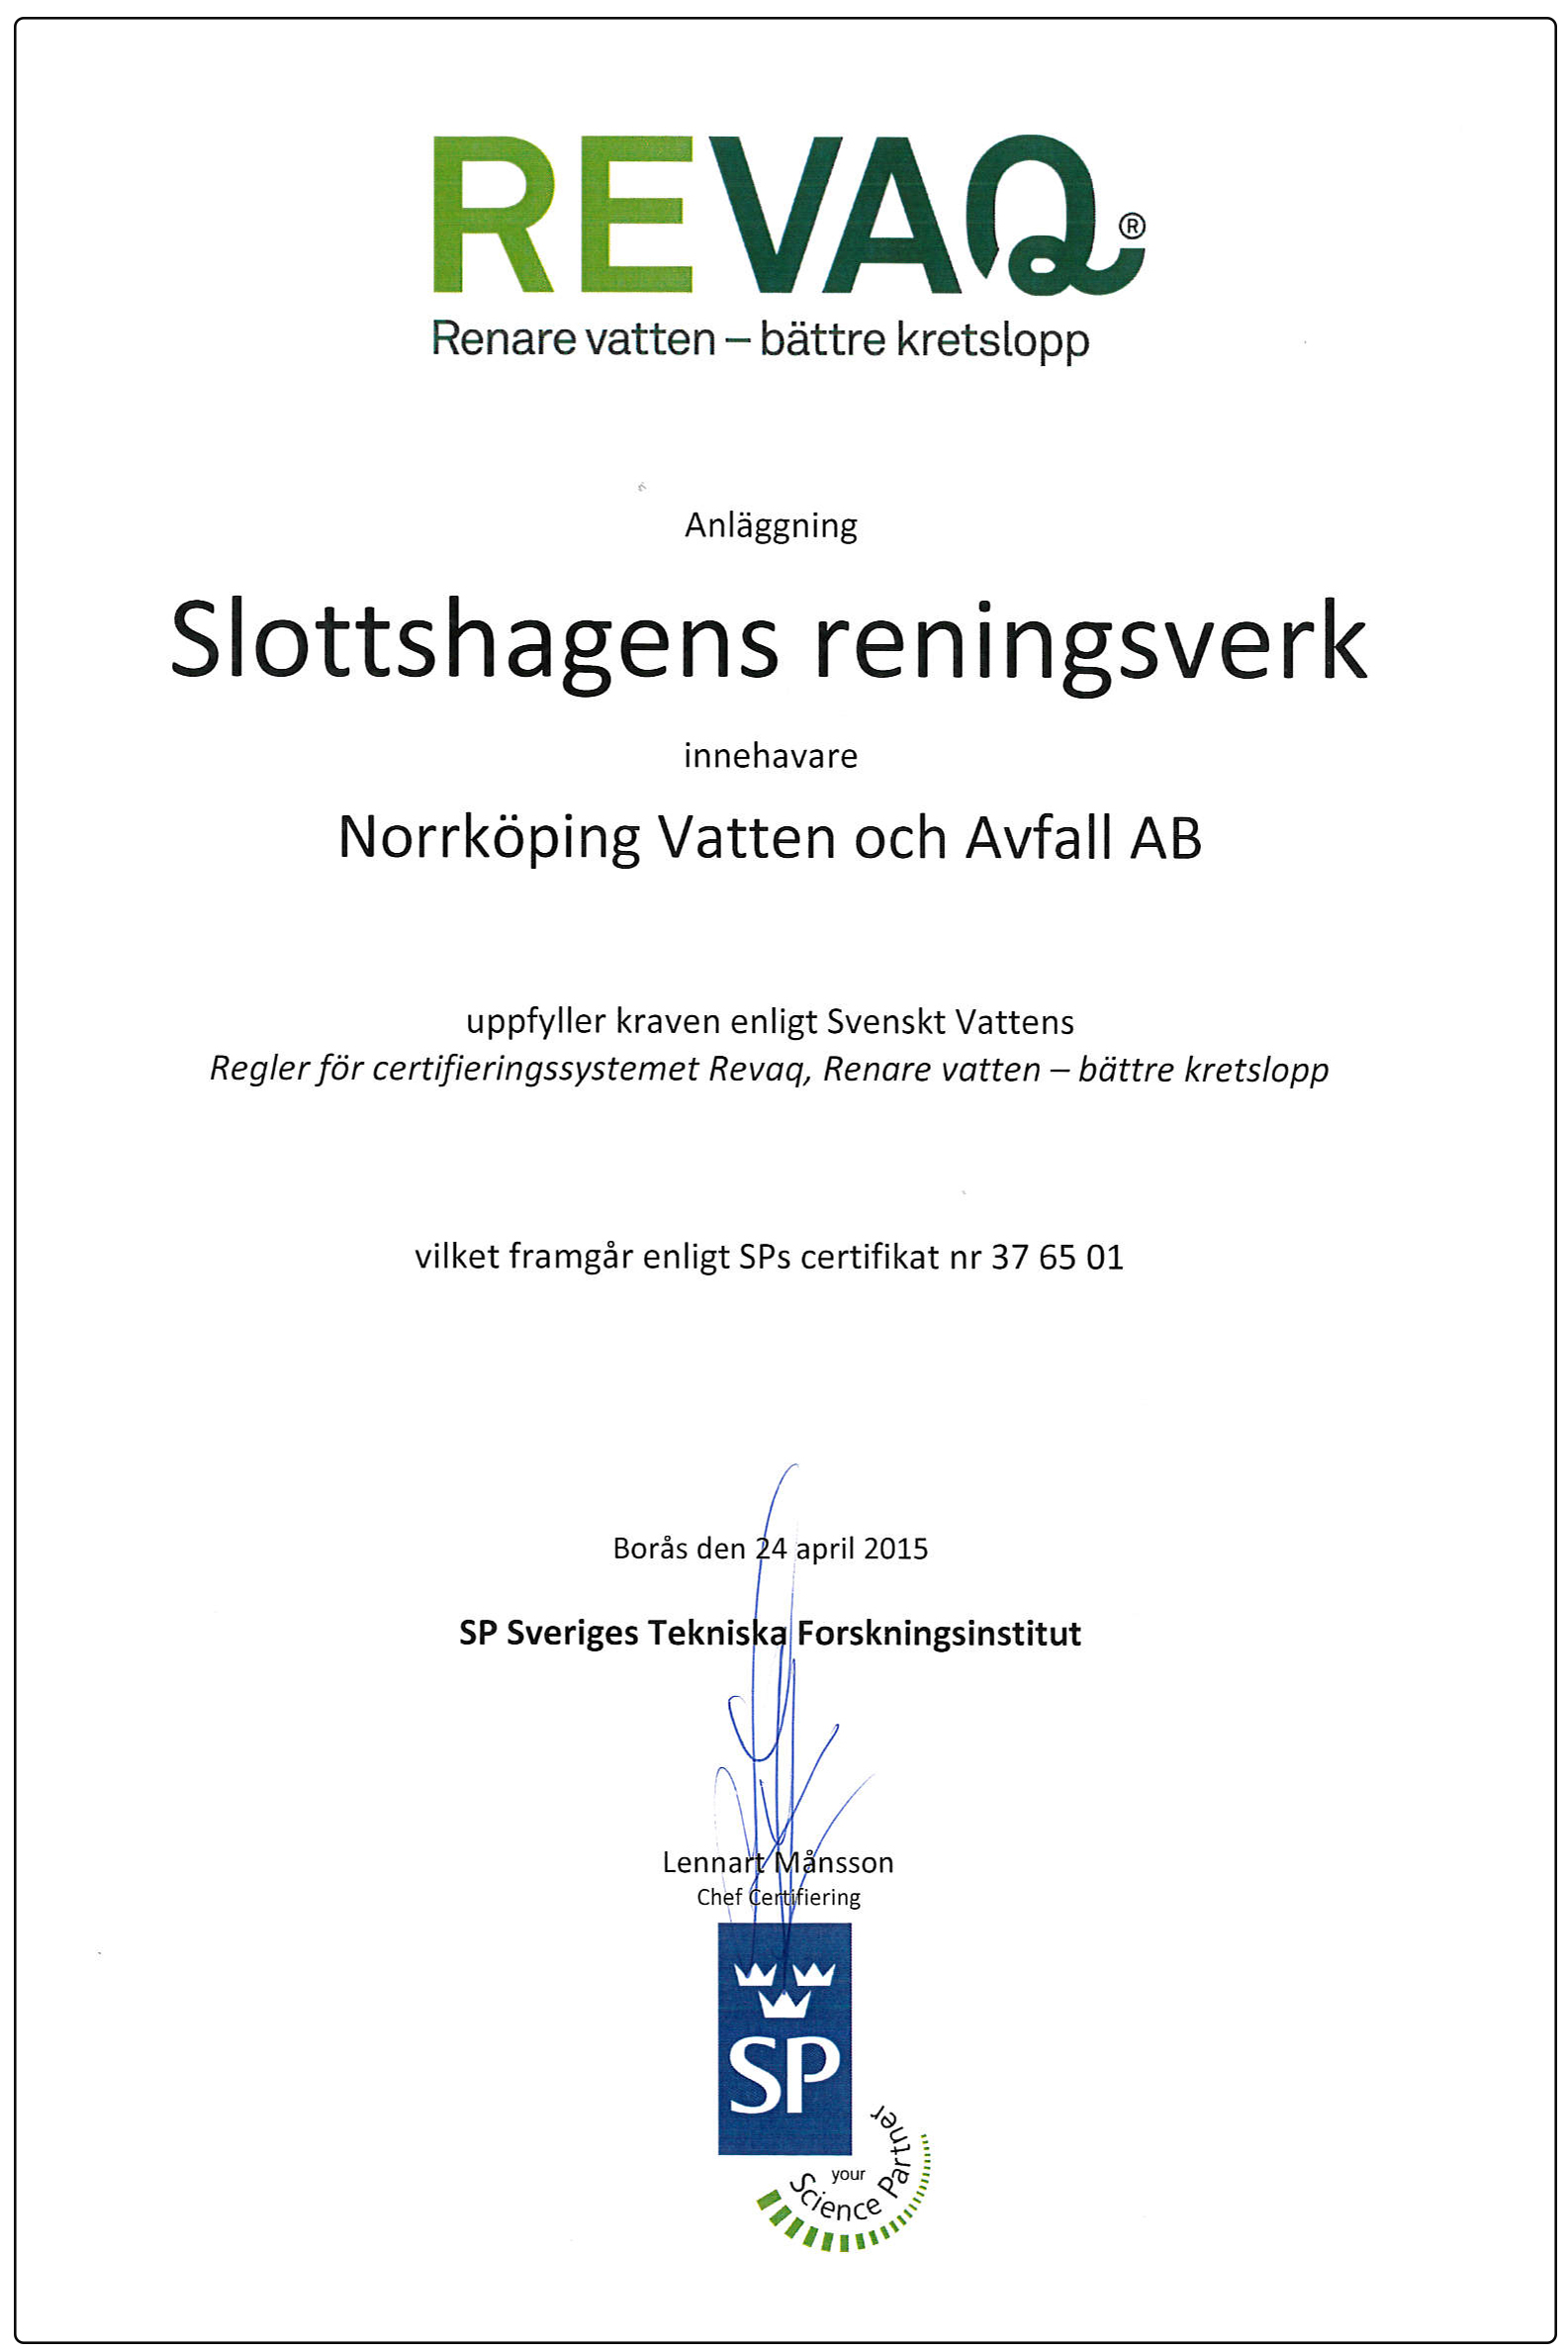 Bild på Revaq-diplom för Slottshagens reningsverk